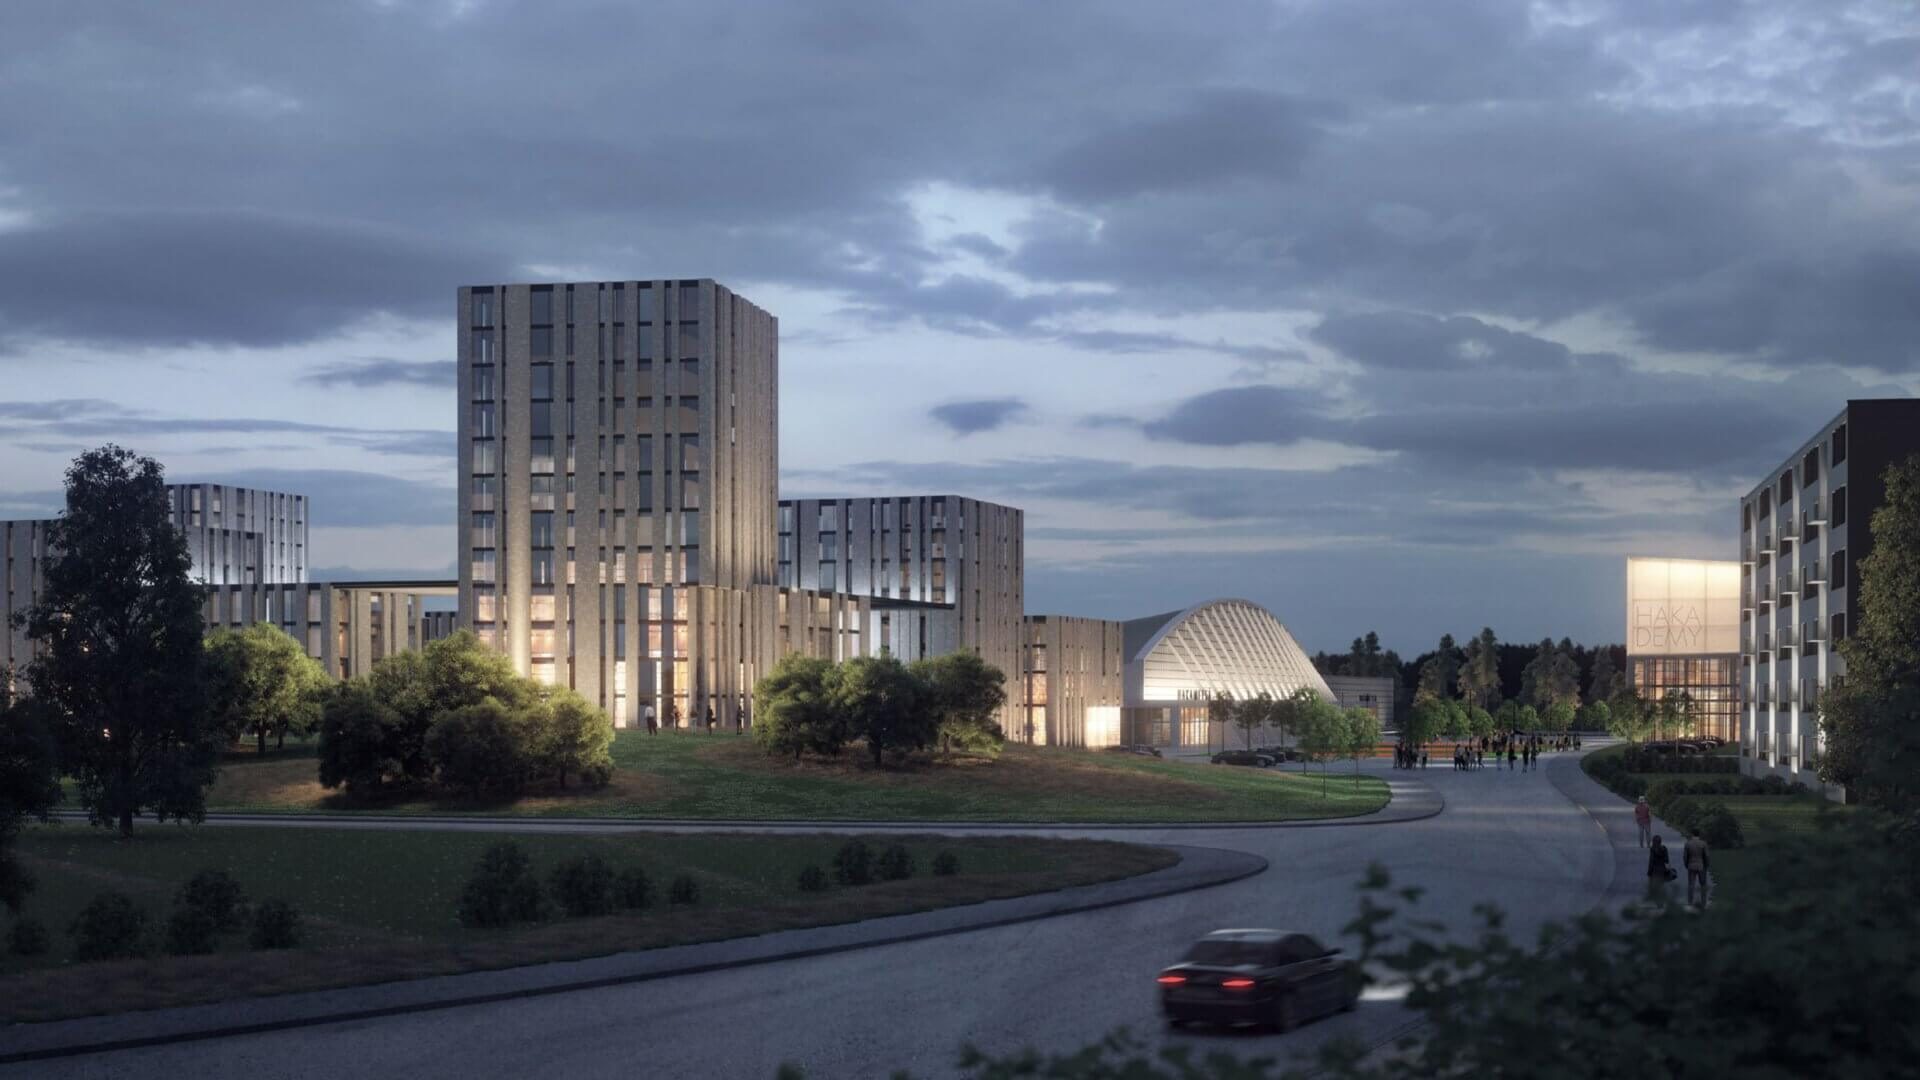 """Meijou osallistui Tampereen kaupungin järjestämään Hakametsän suunnittelukilpailuun, tuloksena palkintosijoille yltänyt """"Hakametsä Sport Campus -konsepti"""" 3"""